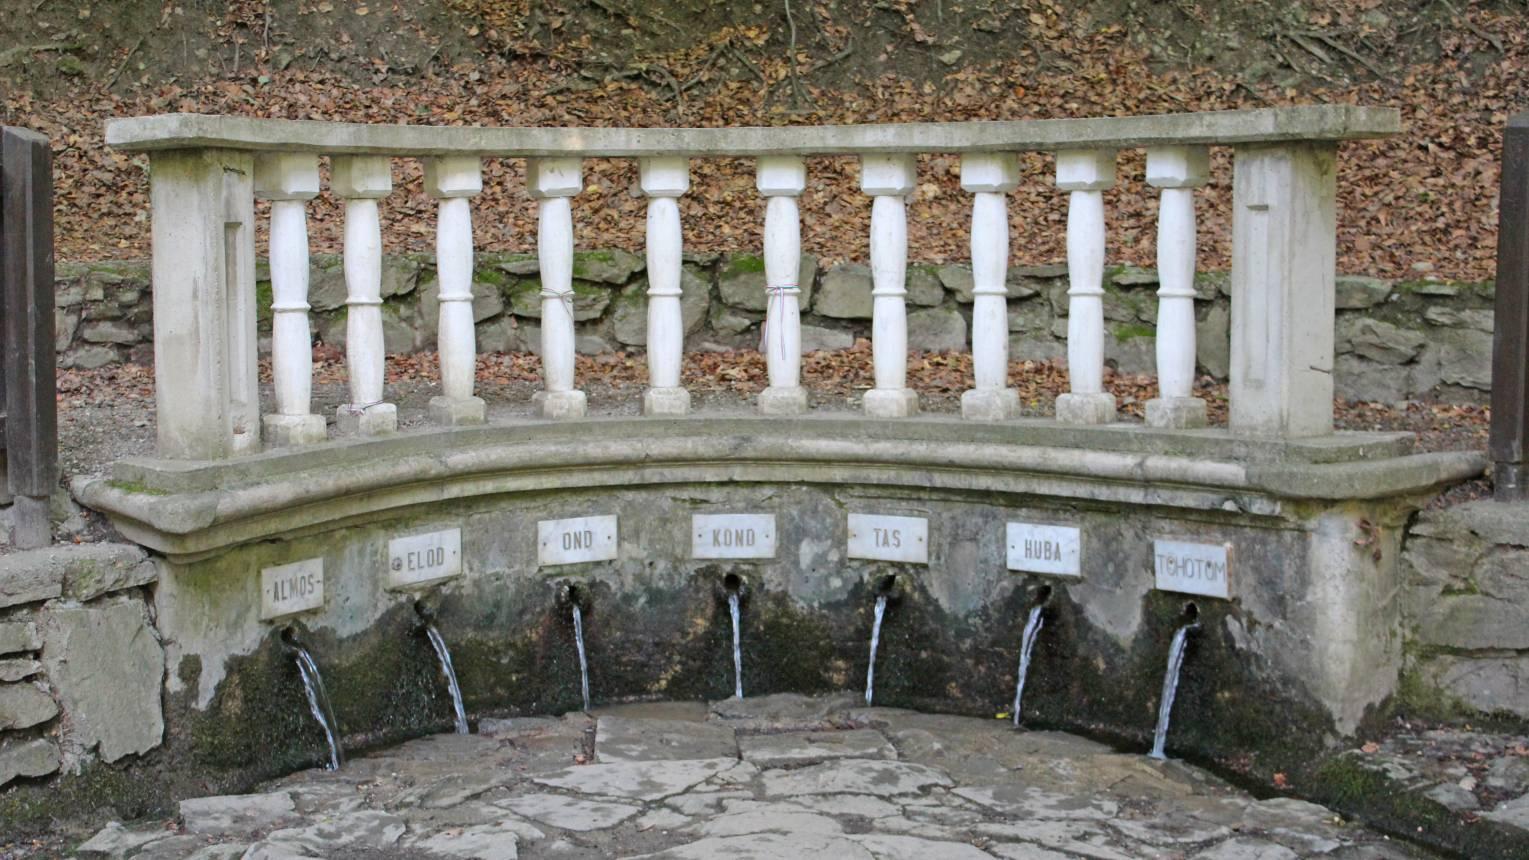 Balatonfüreden BEST OF Balatonfüred segwaytúra középhaladóknak